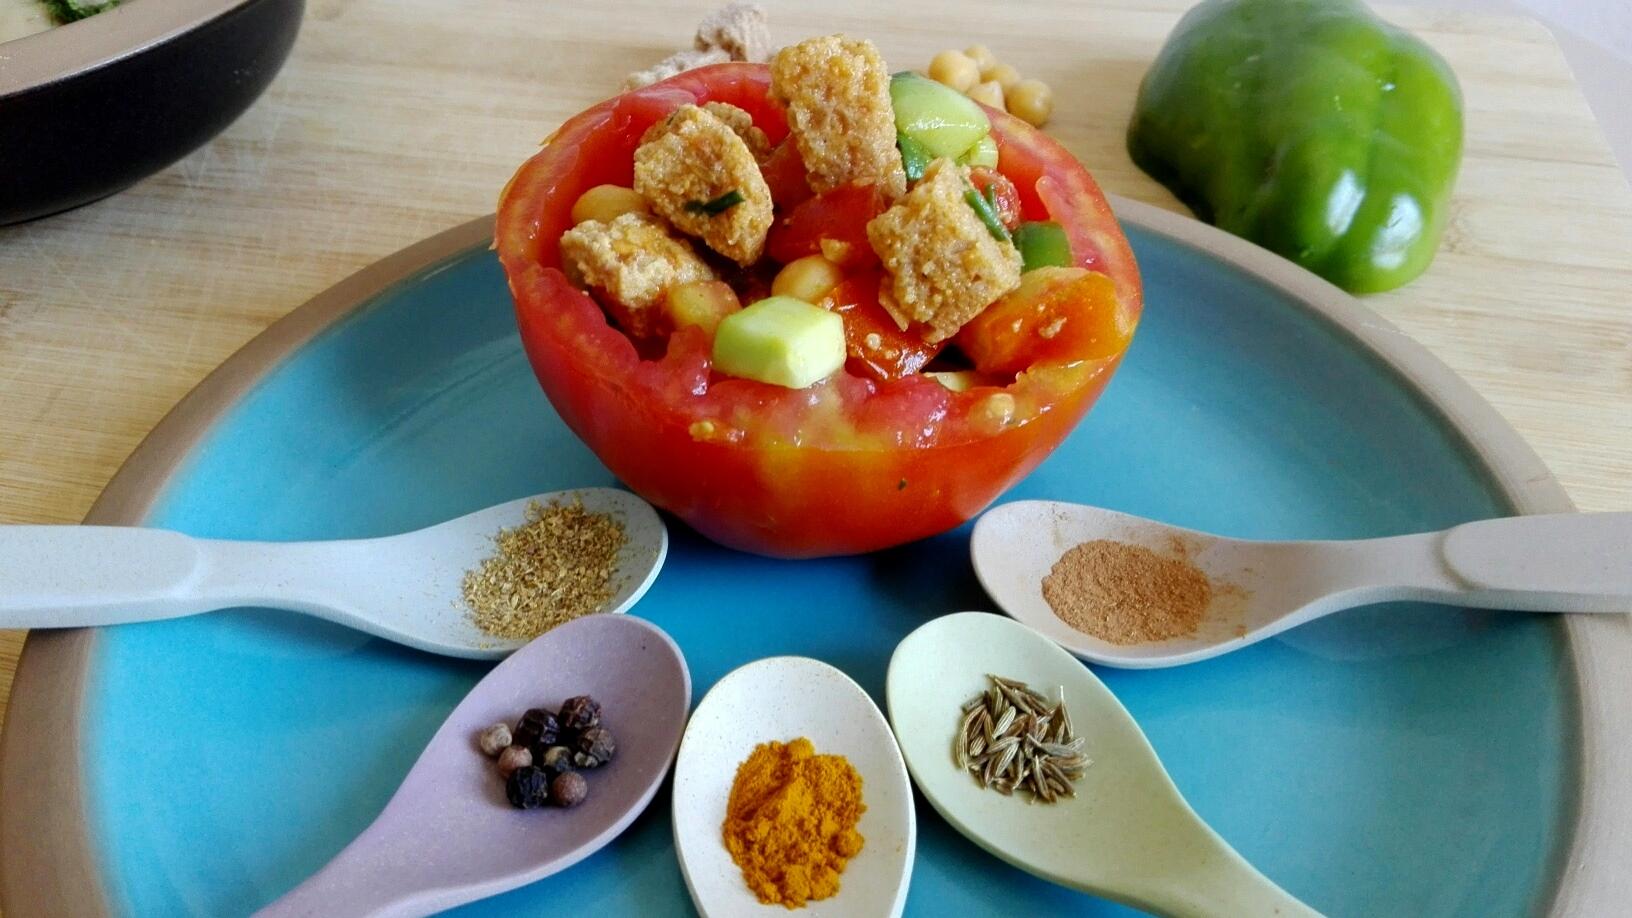 Una buona dieta: curcuma, pepe, cannella, cumino, coriandolo utilizzate per condire una panzanella al pomodoro.